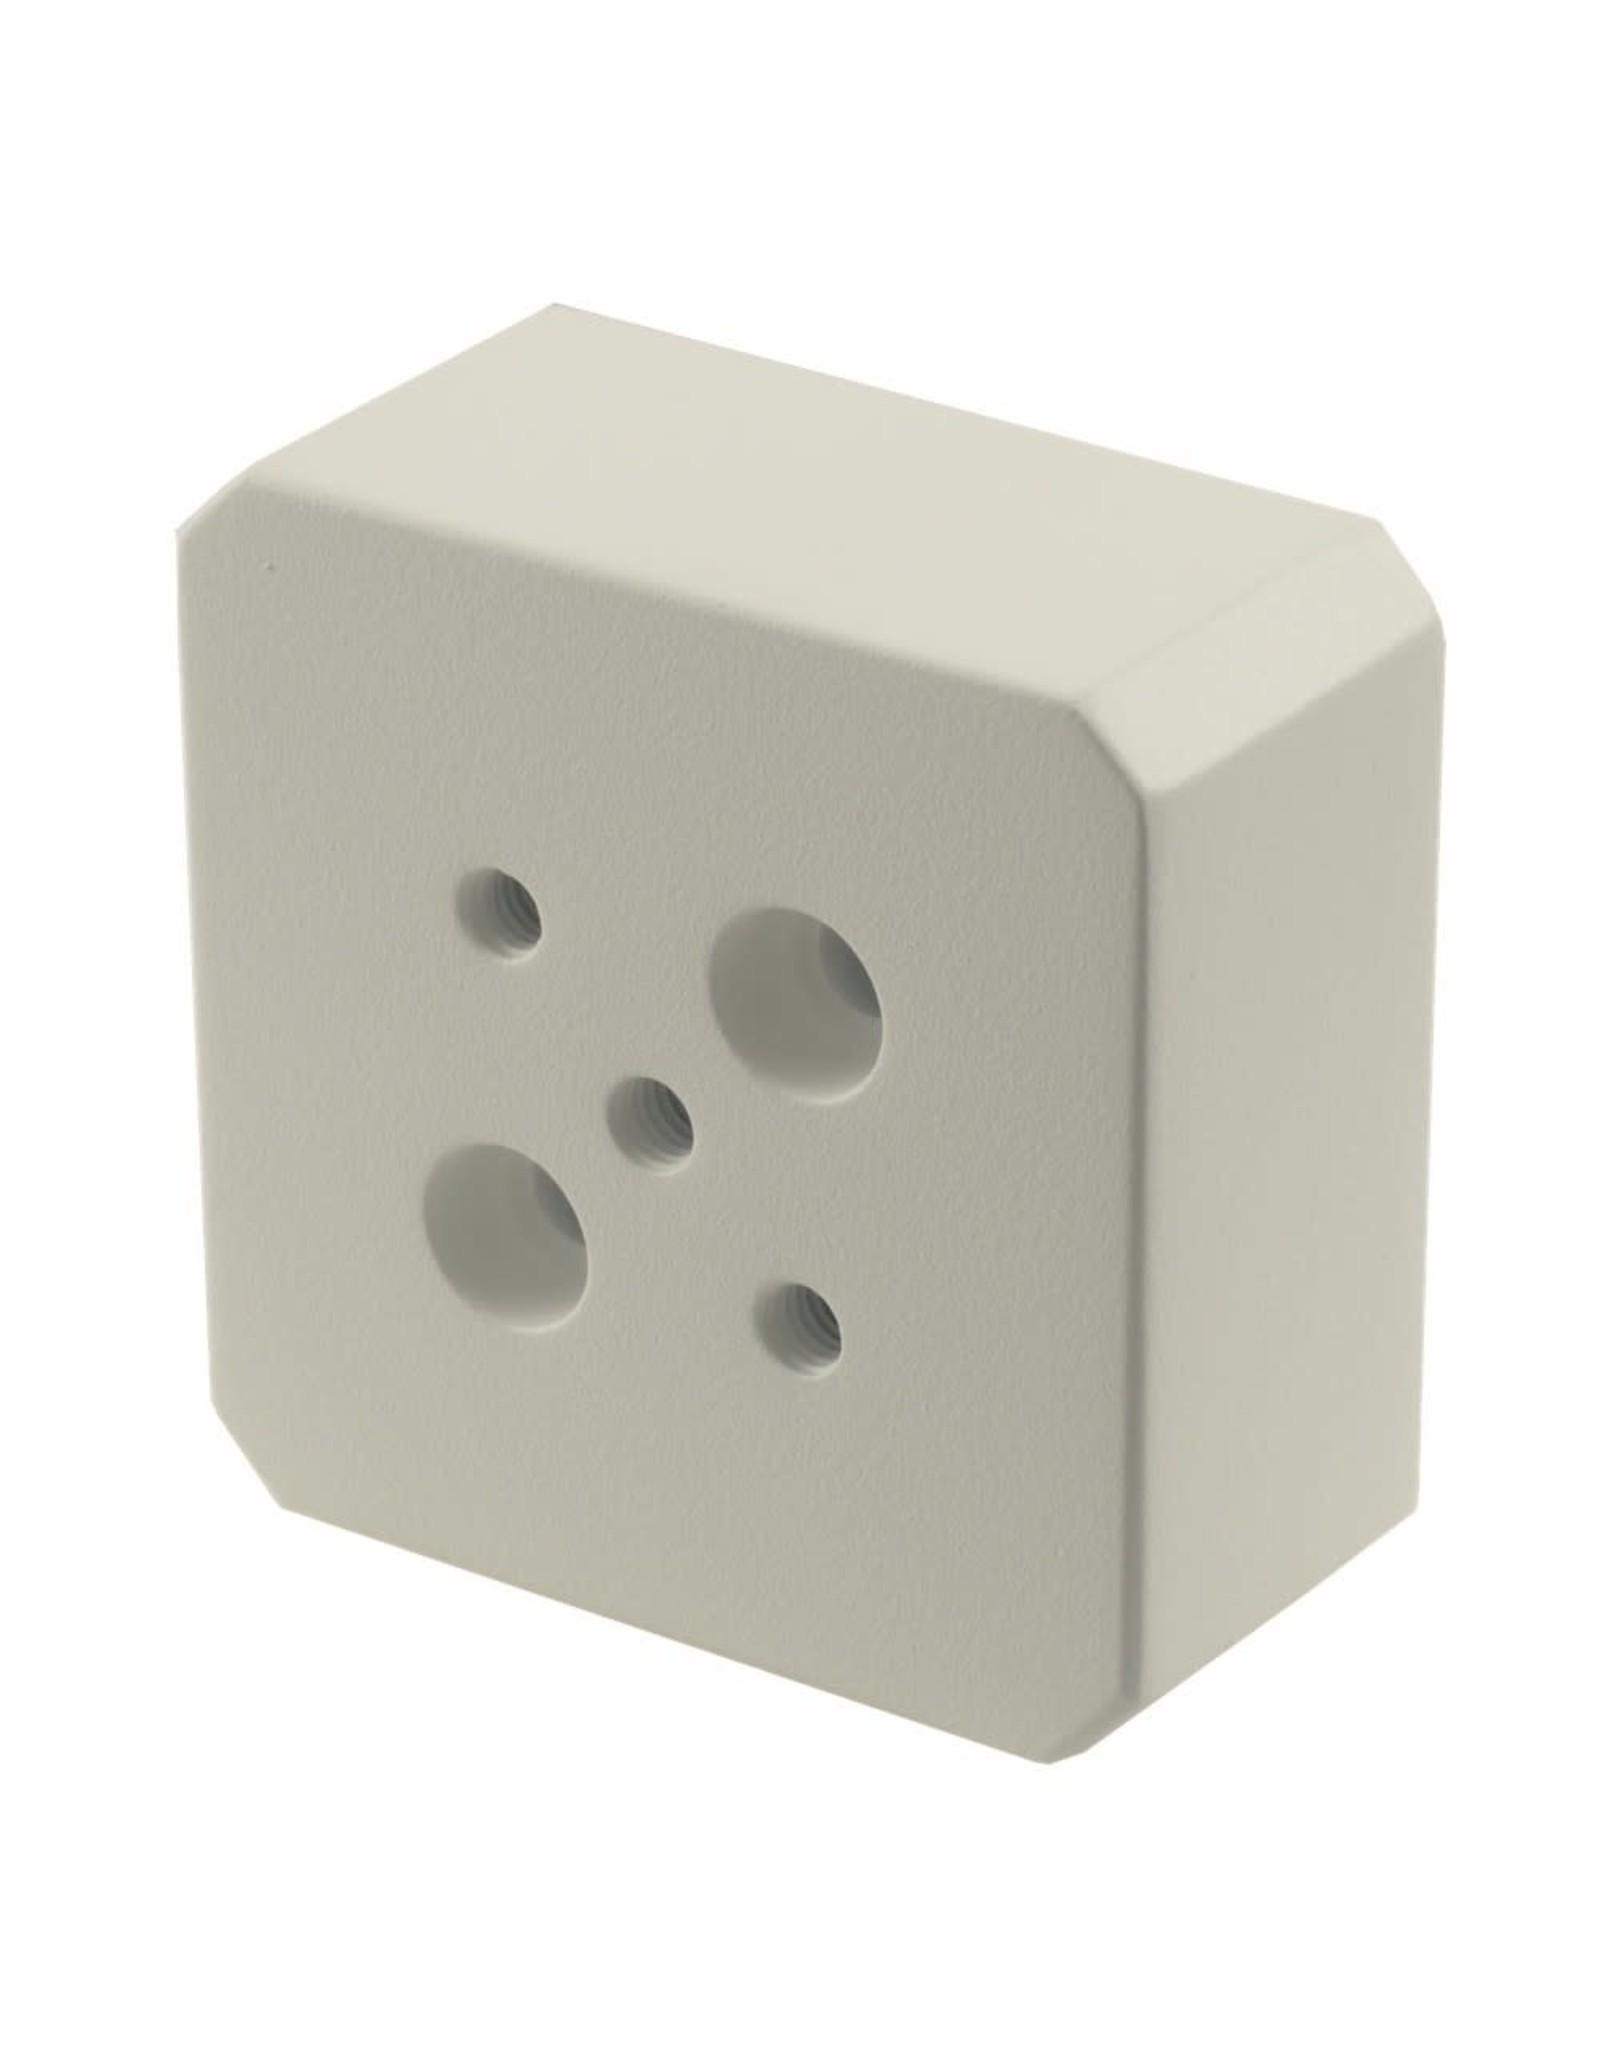 PrimaLuceLab Primaluce Counterweight PLUS 1kg - PLL-CONTRPLUS